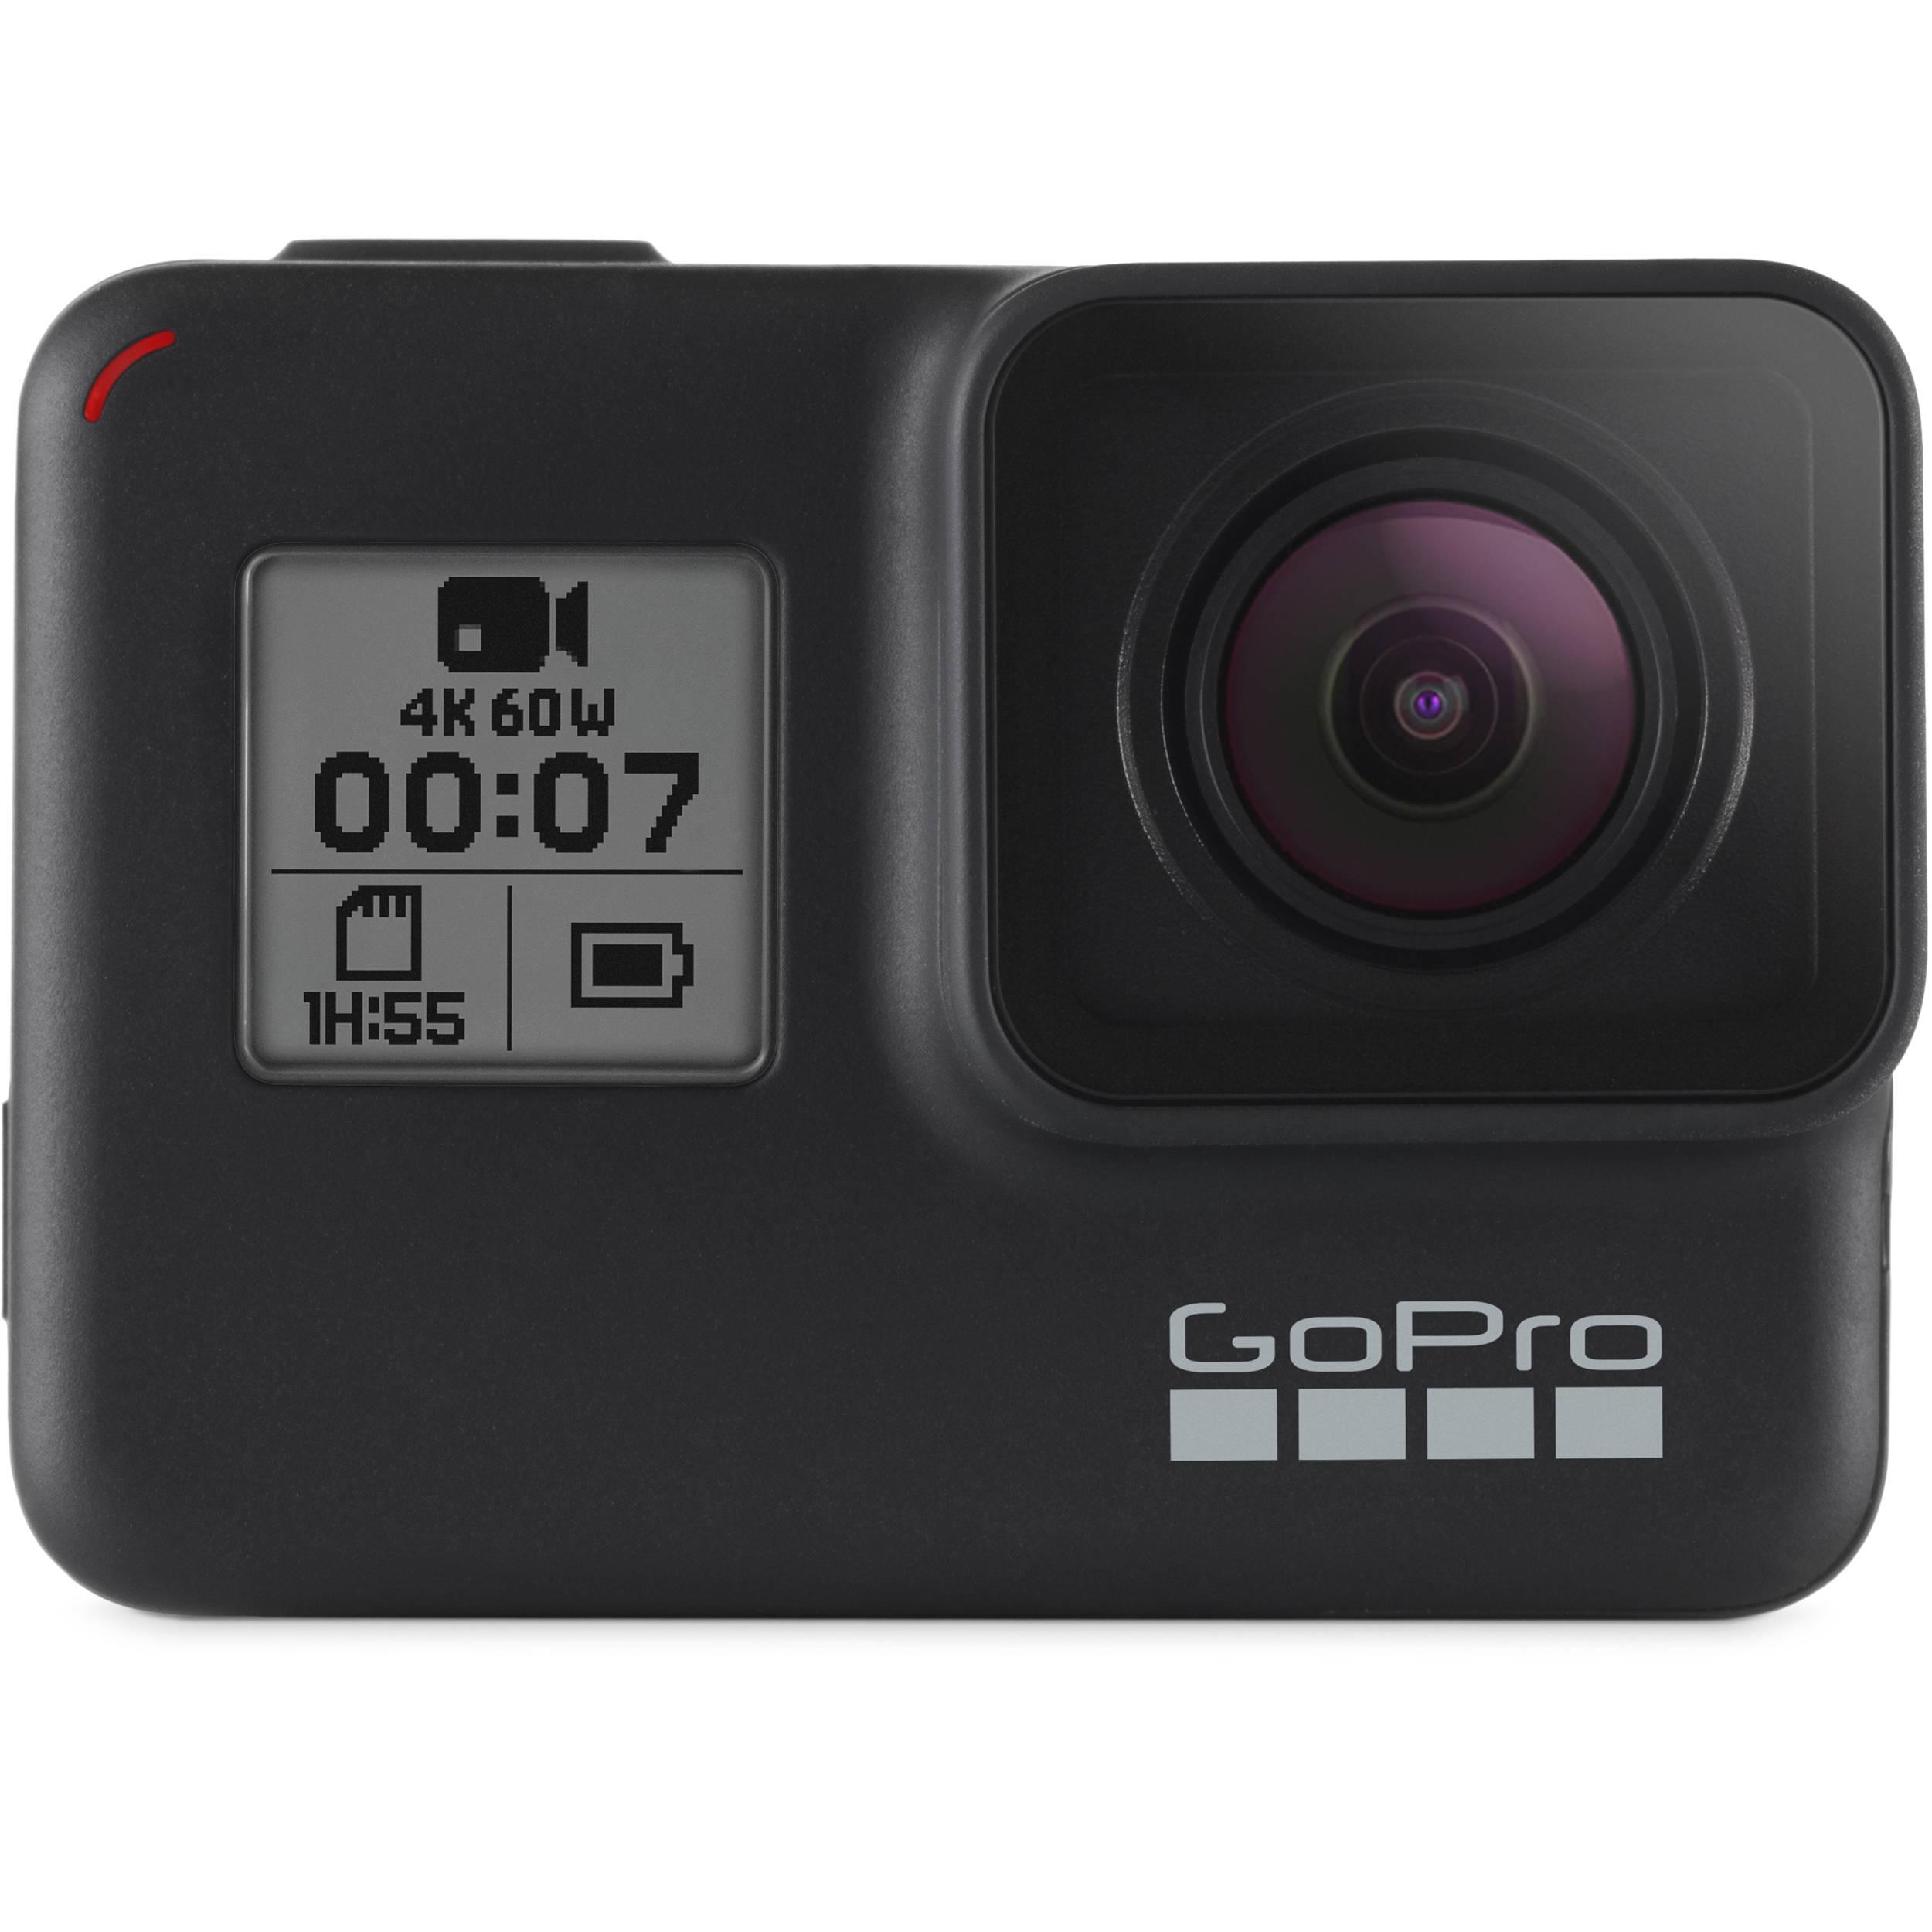 GoPro Hero 7 Black CHDHX-701 HERO7 B&H Photo